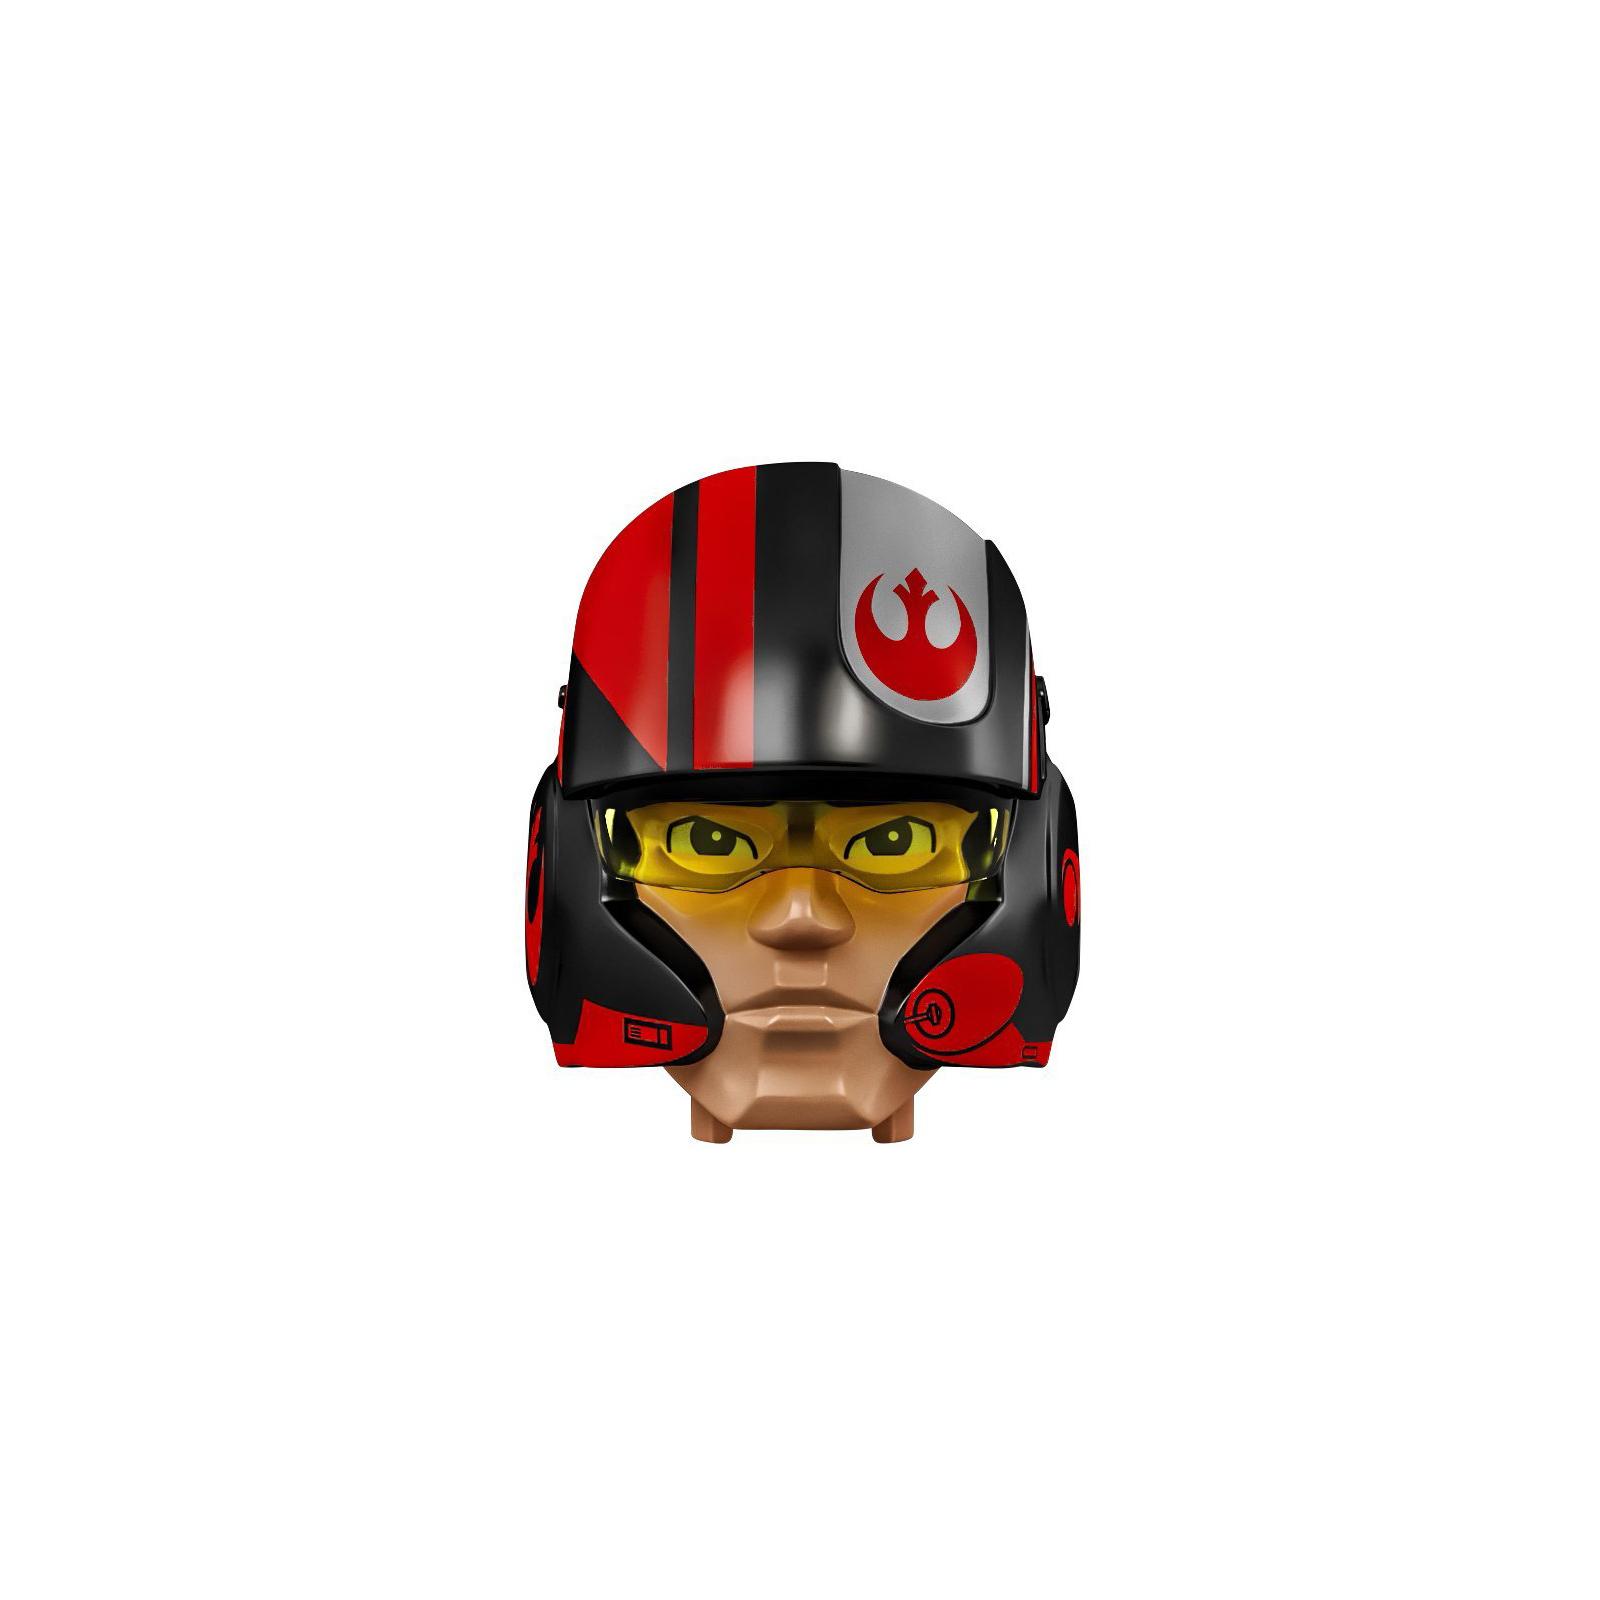 Конструктор LEGO Star Wars По Демерон (75115) изображение 6